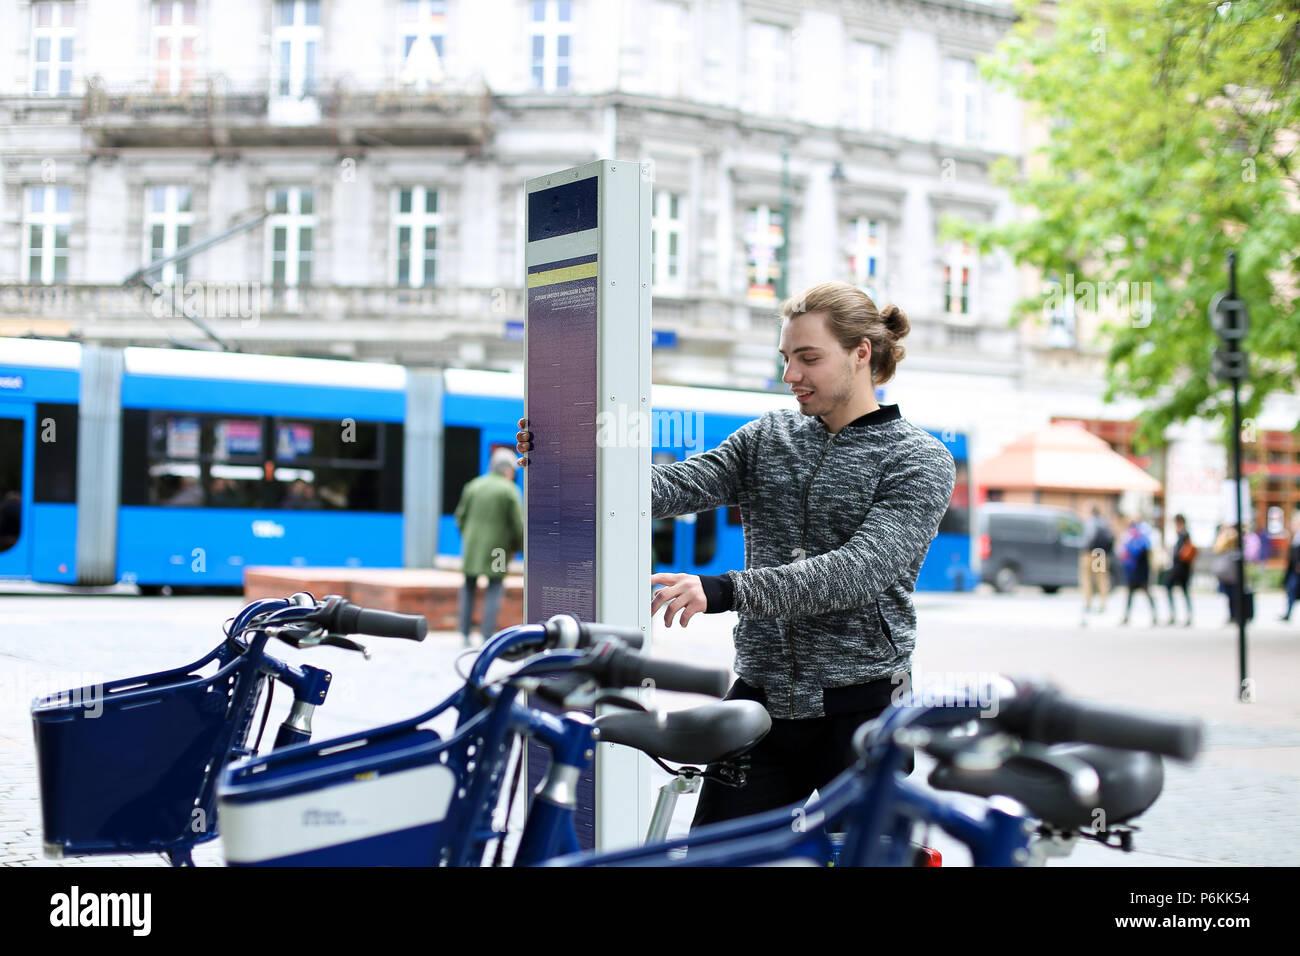 Jeune garçon en vélo, avec l'embauche de la machine en ville, route et trafic piétons en arrière-plan. Photo Stock